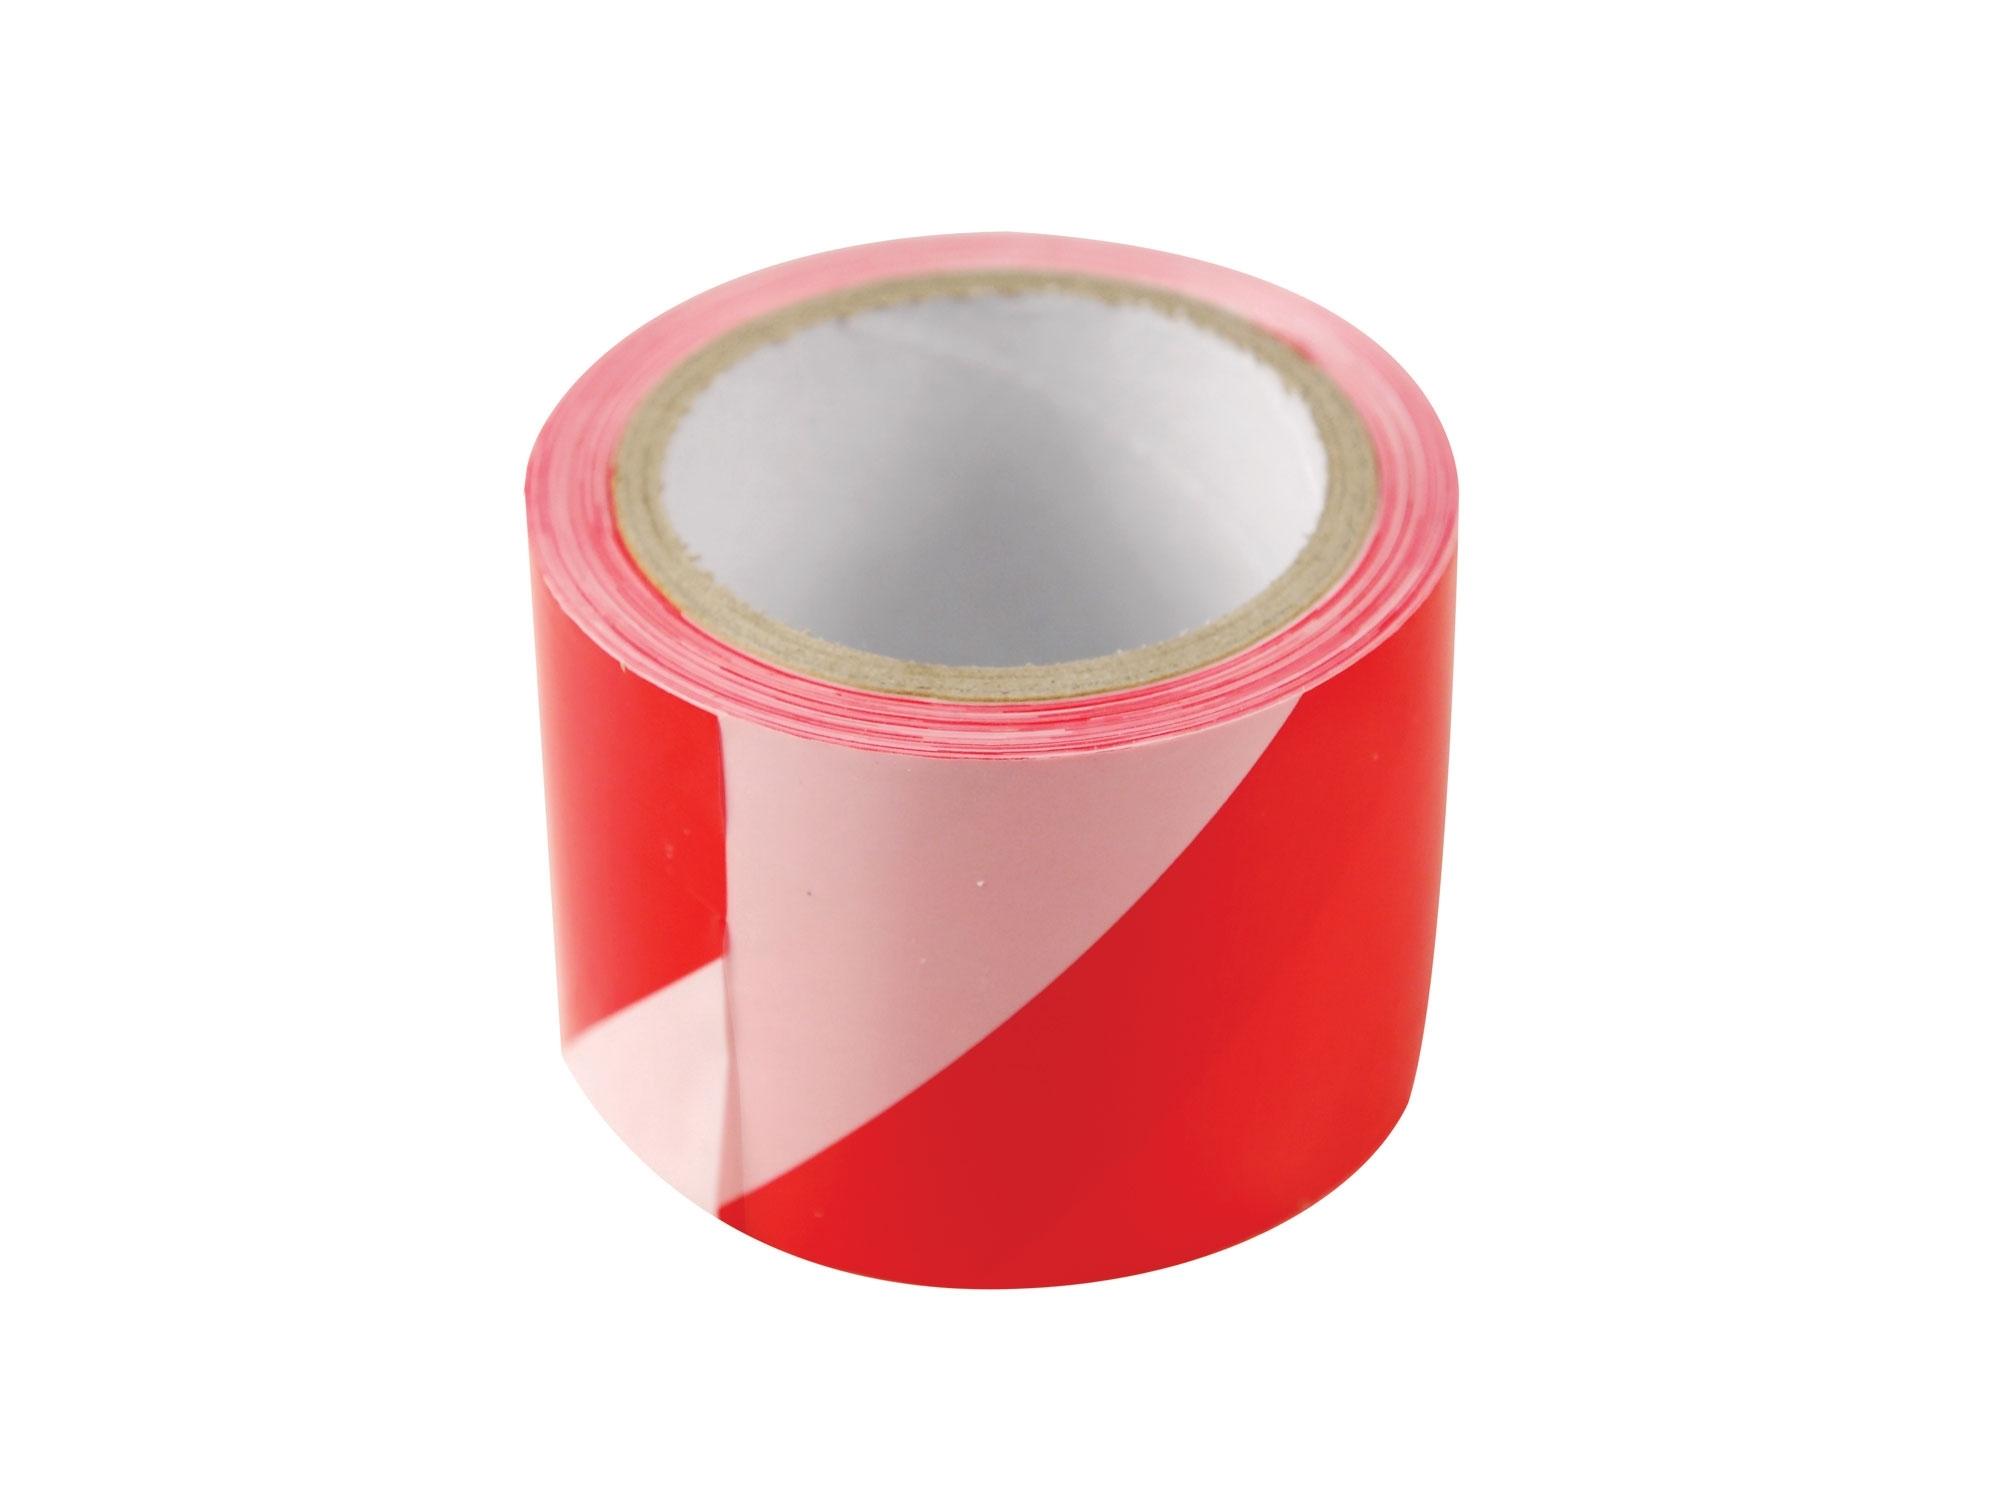 páska výstražná červeno-bílá, 75mm x 100m, PE, EXTOL CRAFT 9565